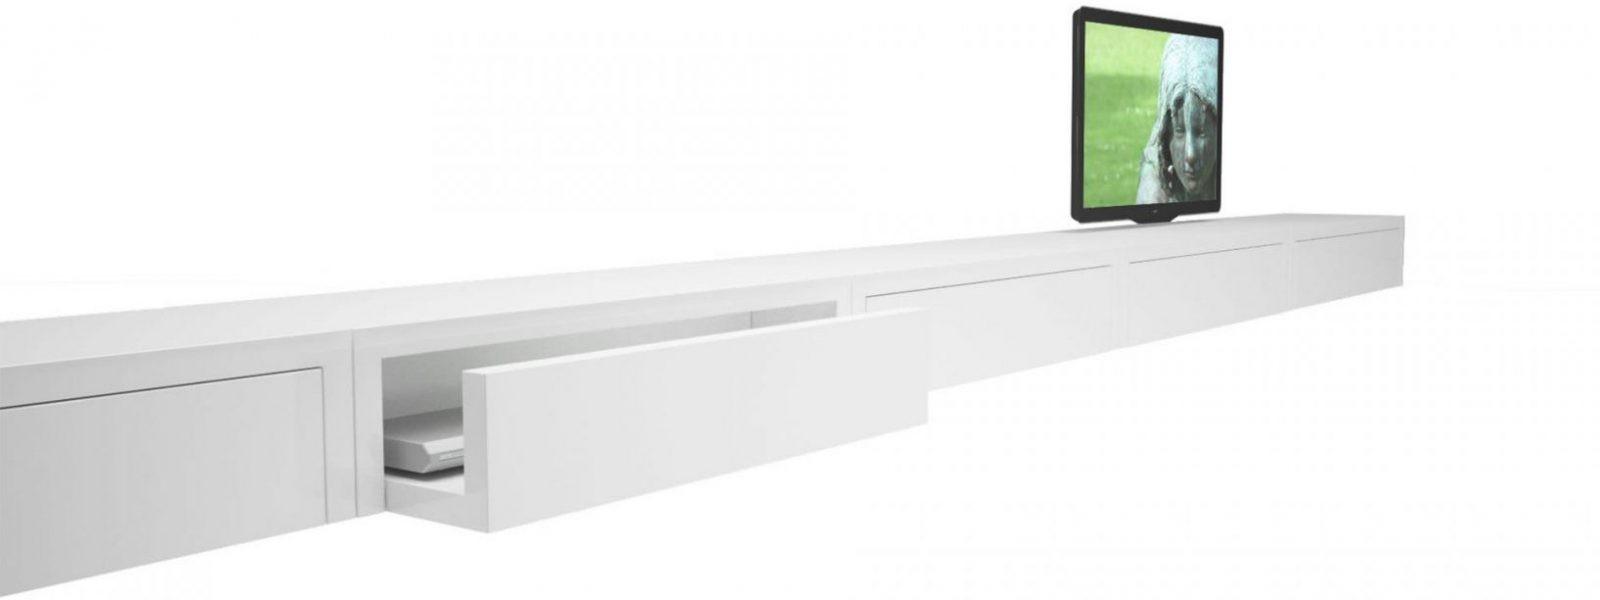 Sideboard Repositio – Puristisches Designsideboard Von Rechteck von Sideboard Weiß Hochglanz Hängend Photo